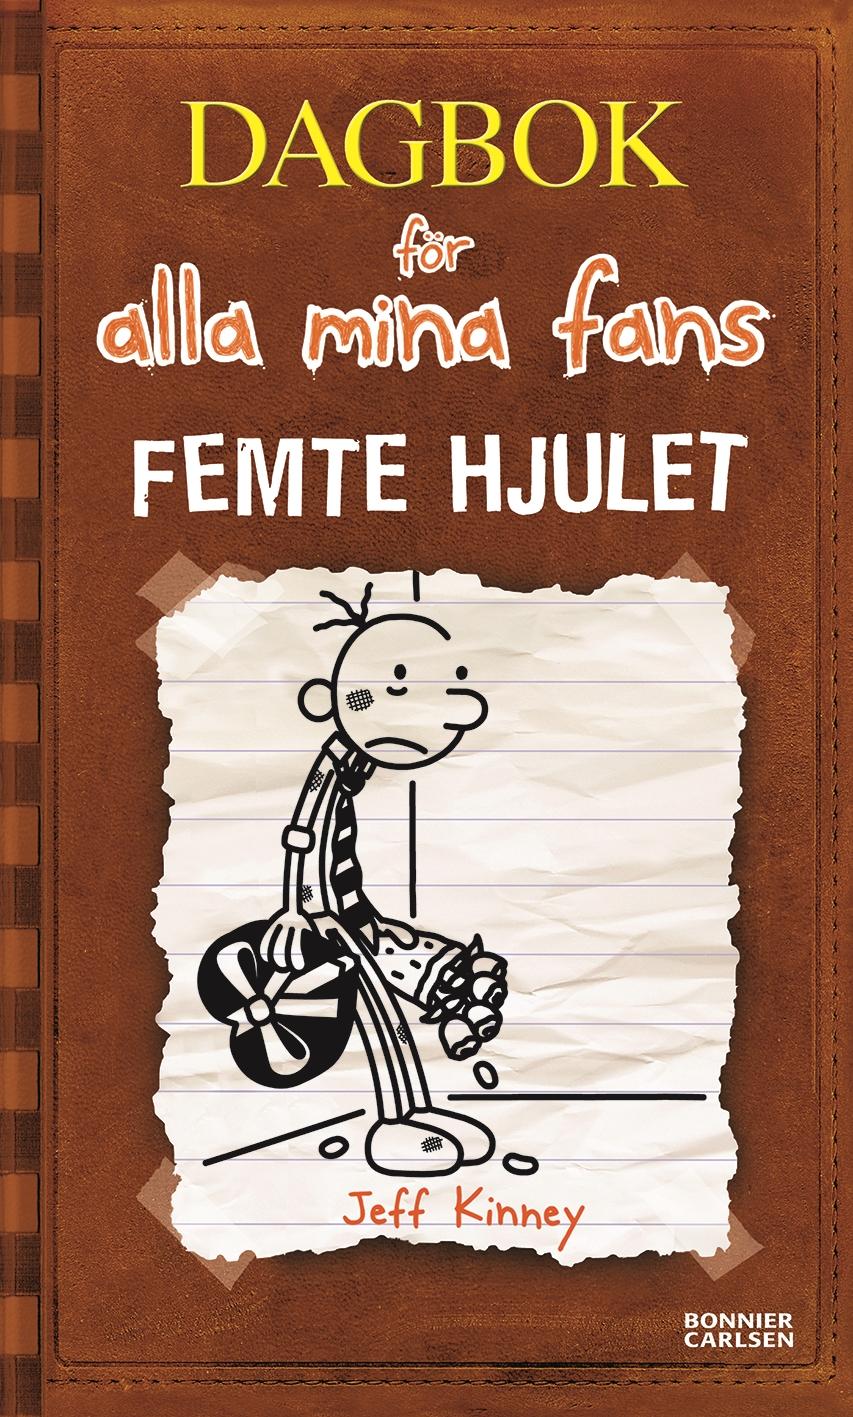 dagbok för alla mina fans femte hjulet